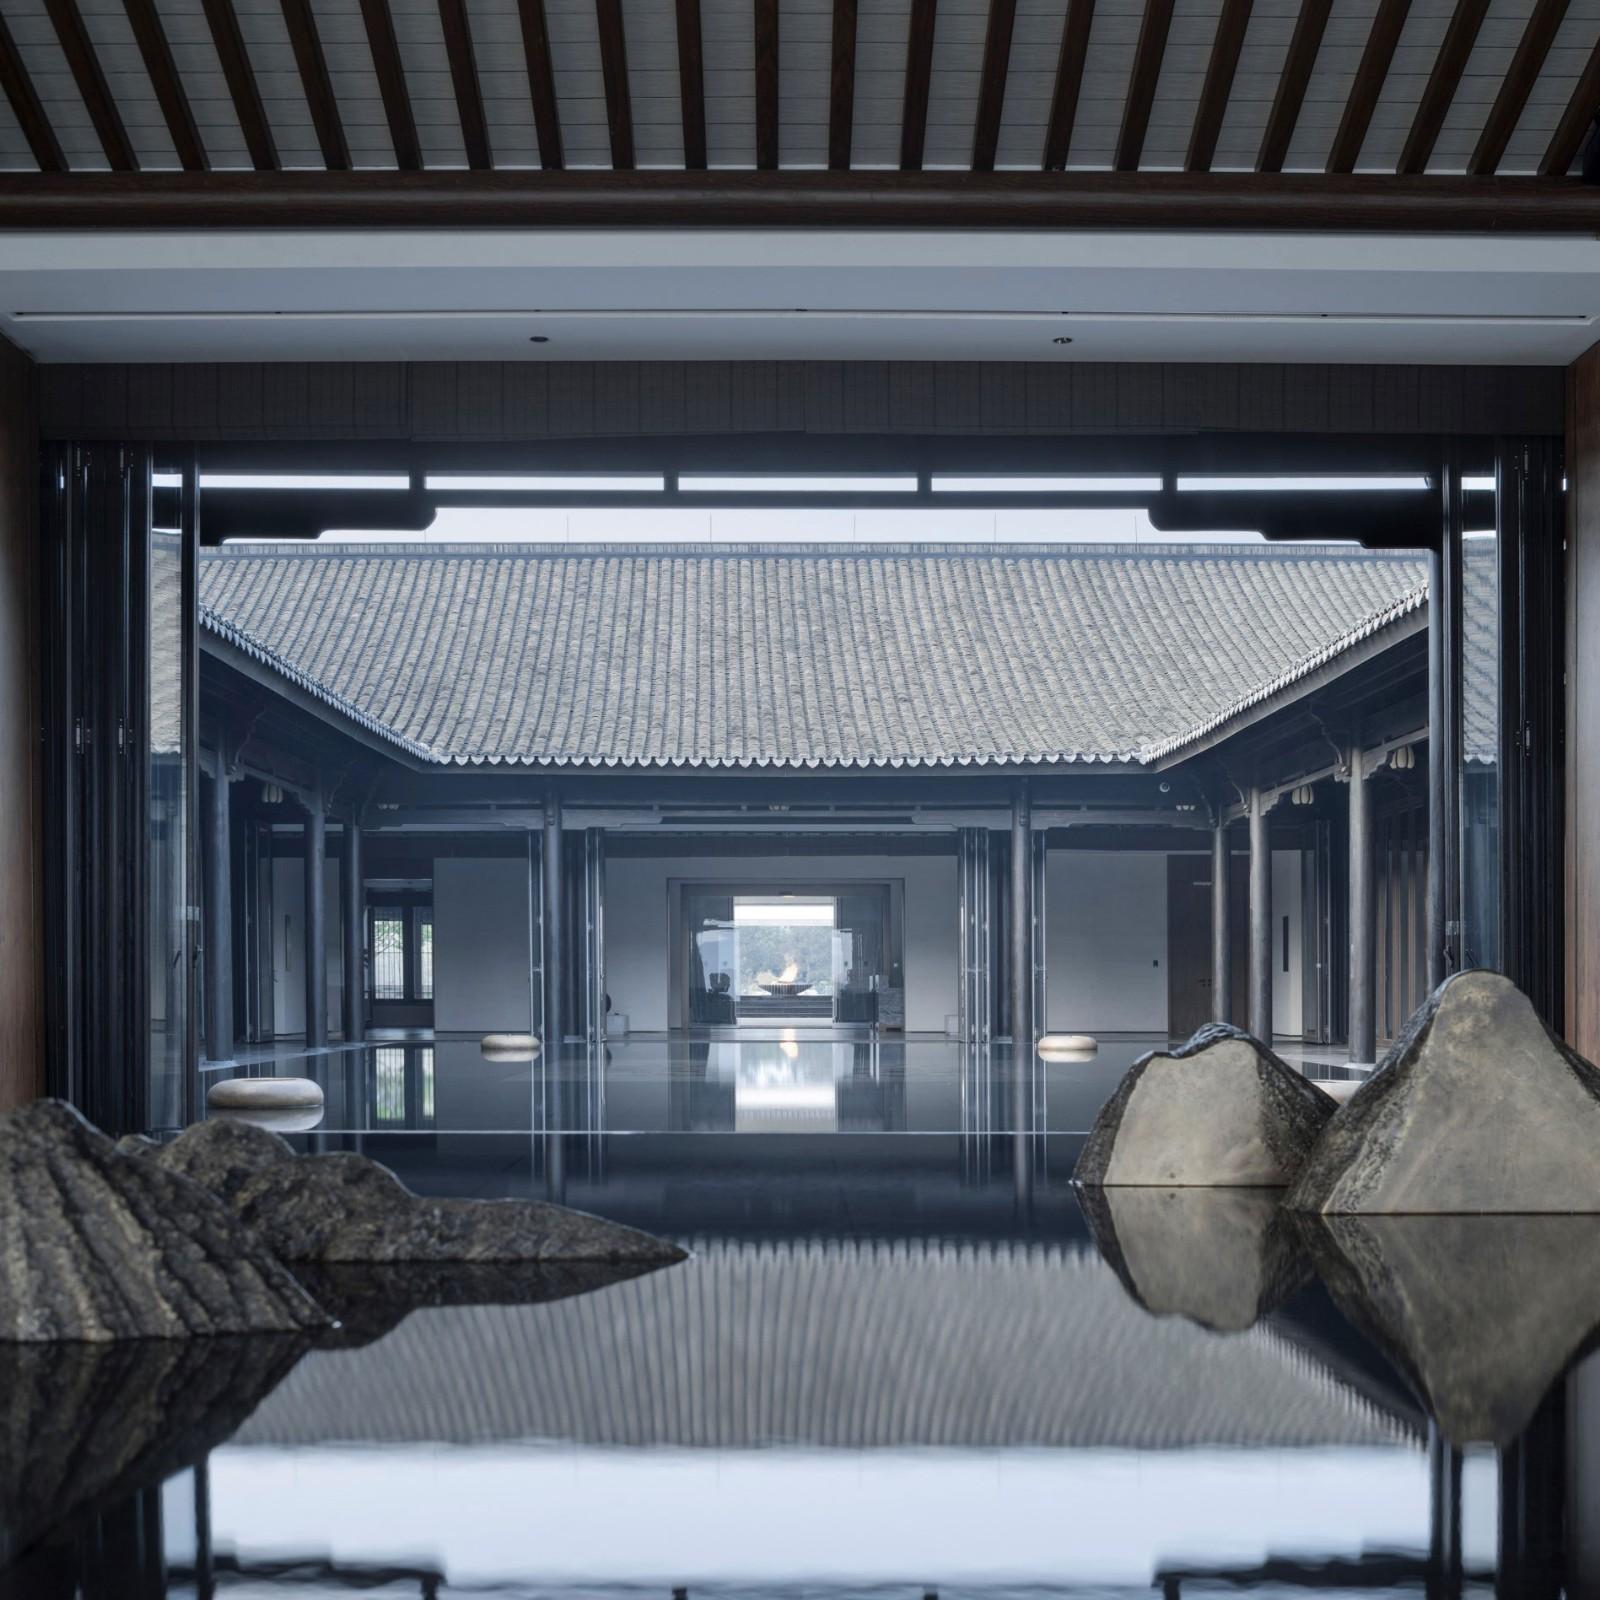 浙江安吉悦榕庄度假酒店建筑设计/gad